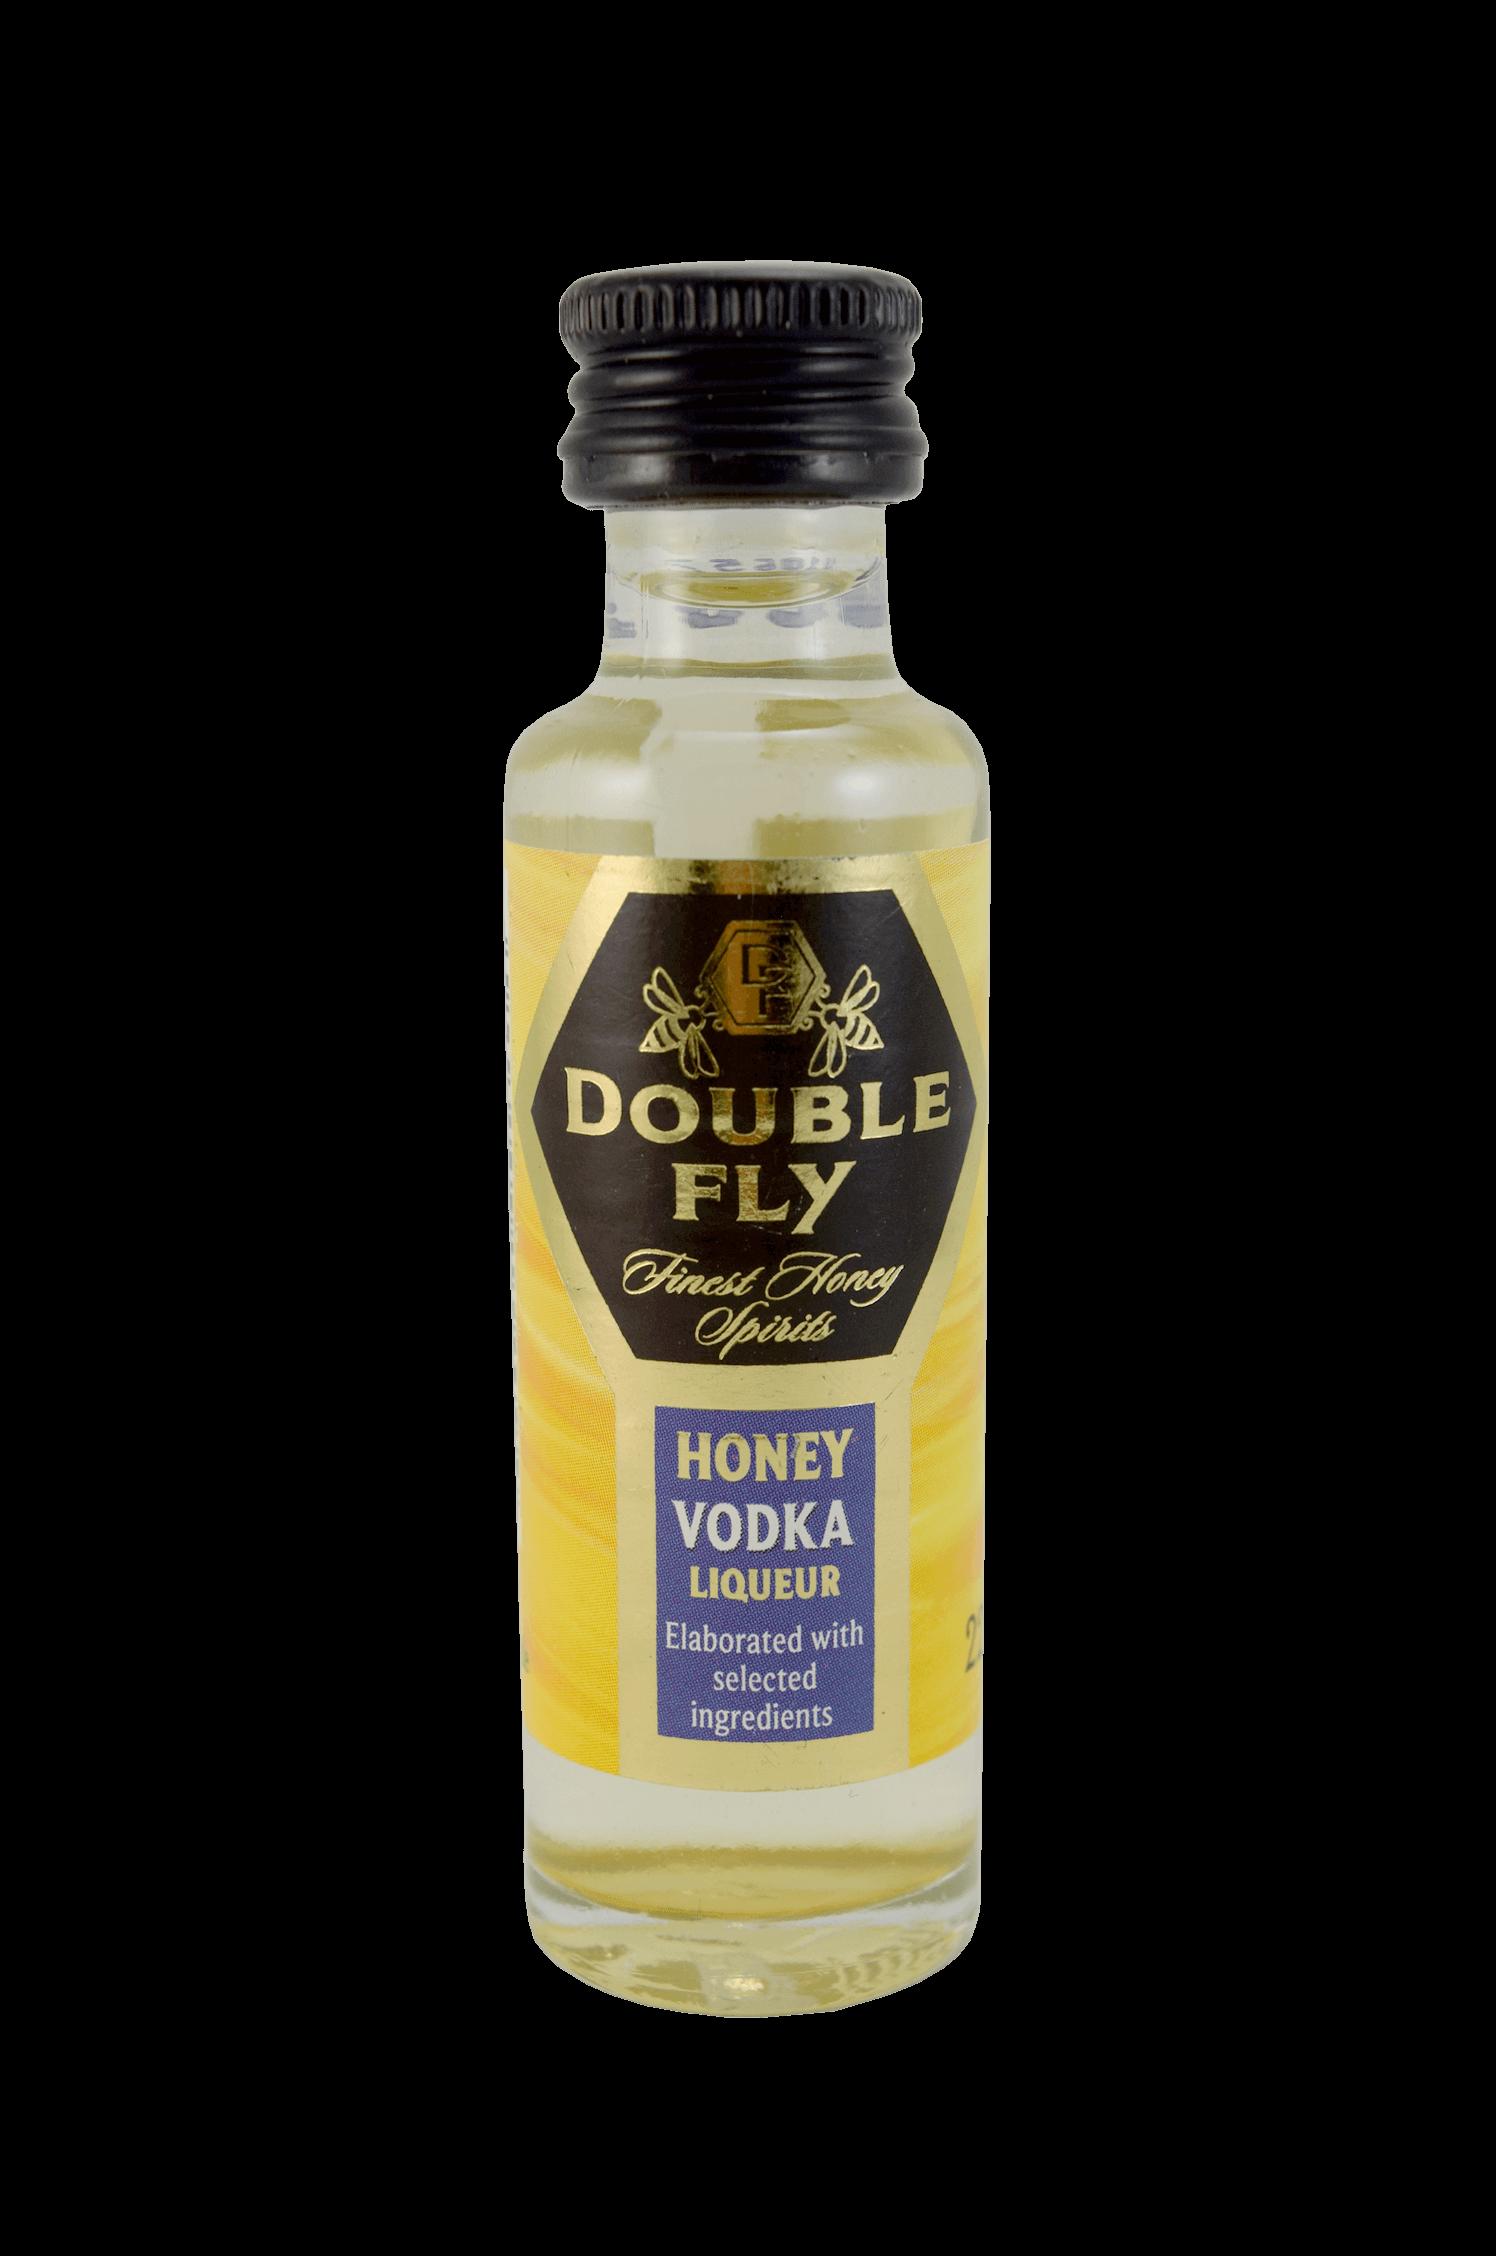 Honey Vodka Liqueur